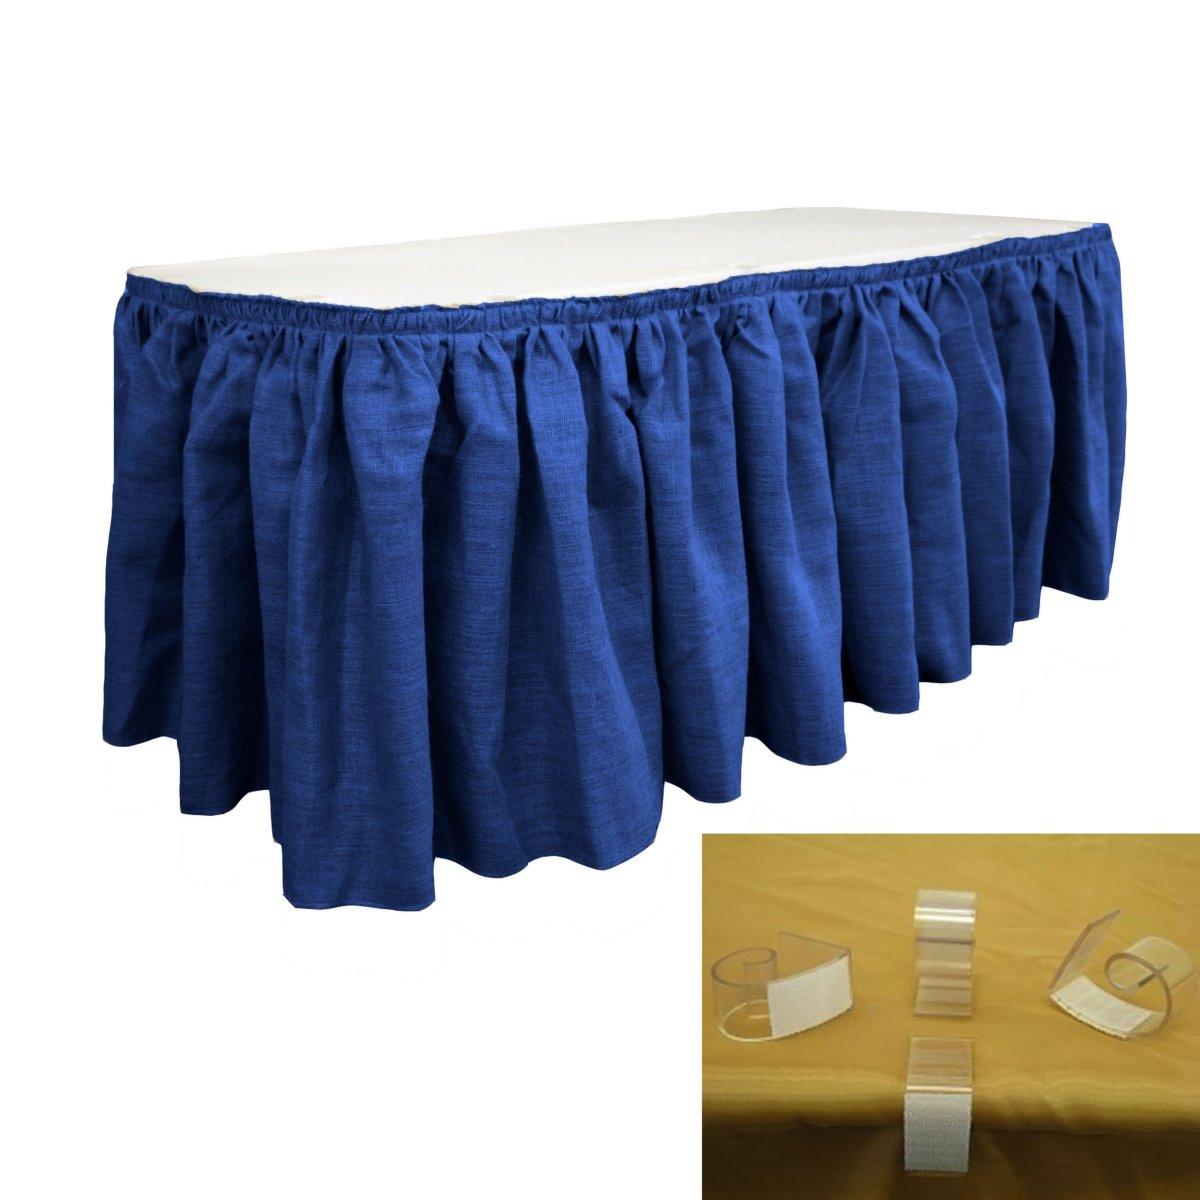 LA Linen SkirtBurlap14x29-10Lclips-BlueRoyal Burlap Table Skirt with 10 L-Clips44; Royal Blue - 14 ft. x 29 in. by LA Linen (Image #1)